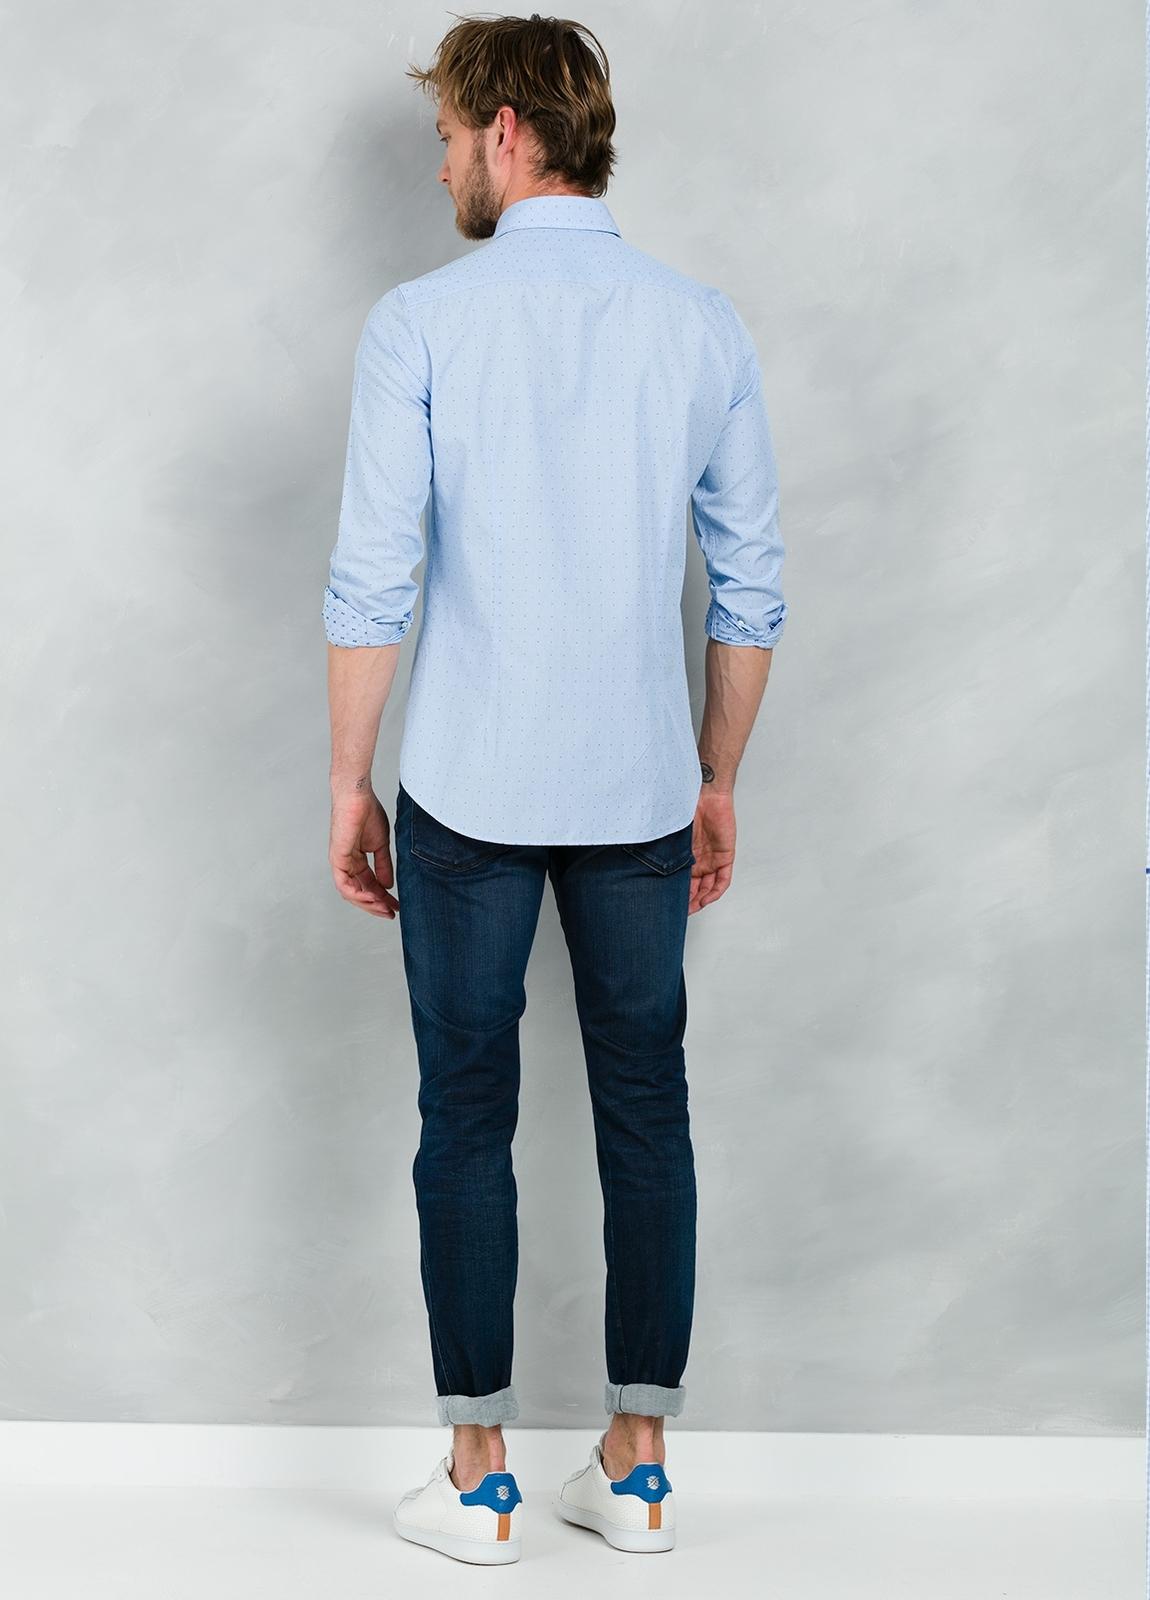 Camisa Casual Wear SLIM FIT Modelo PORTO micro dibujo color celeste, 100% Algodón. - Ítem3